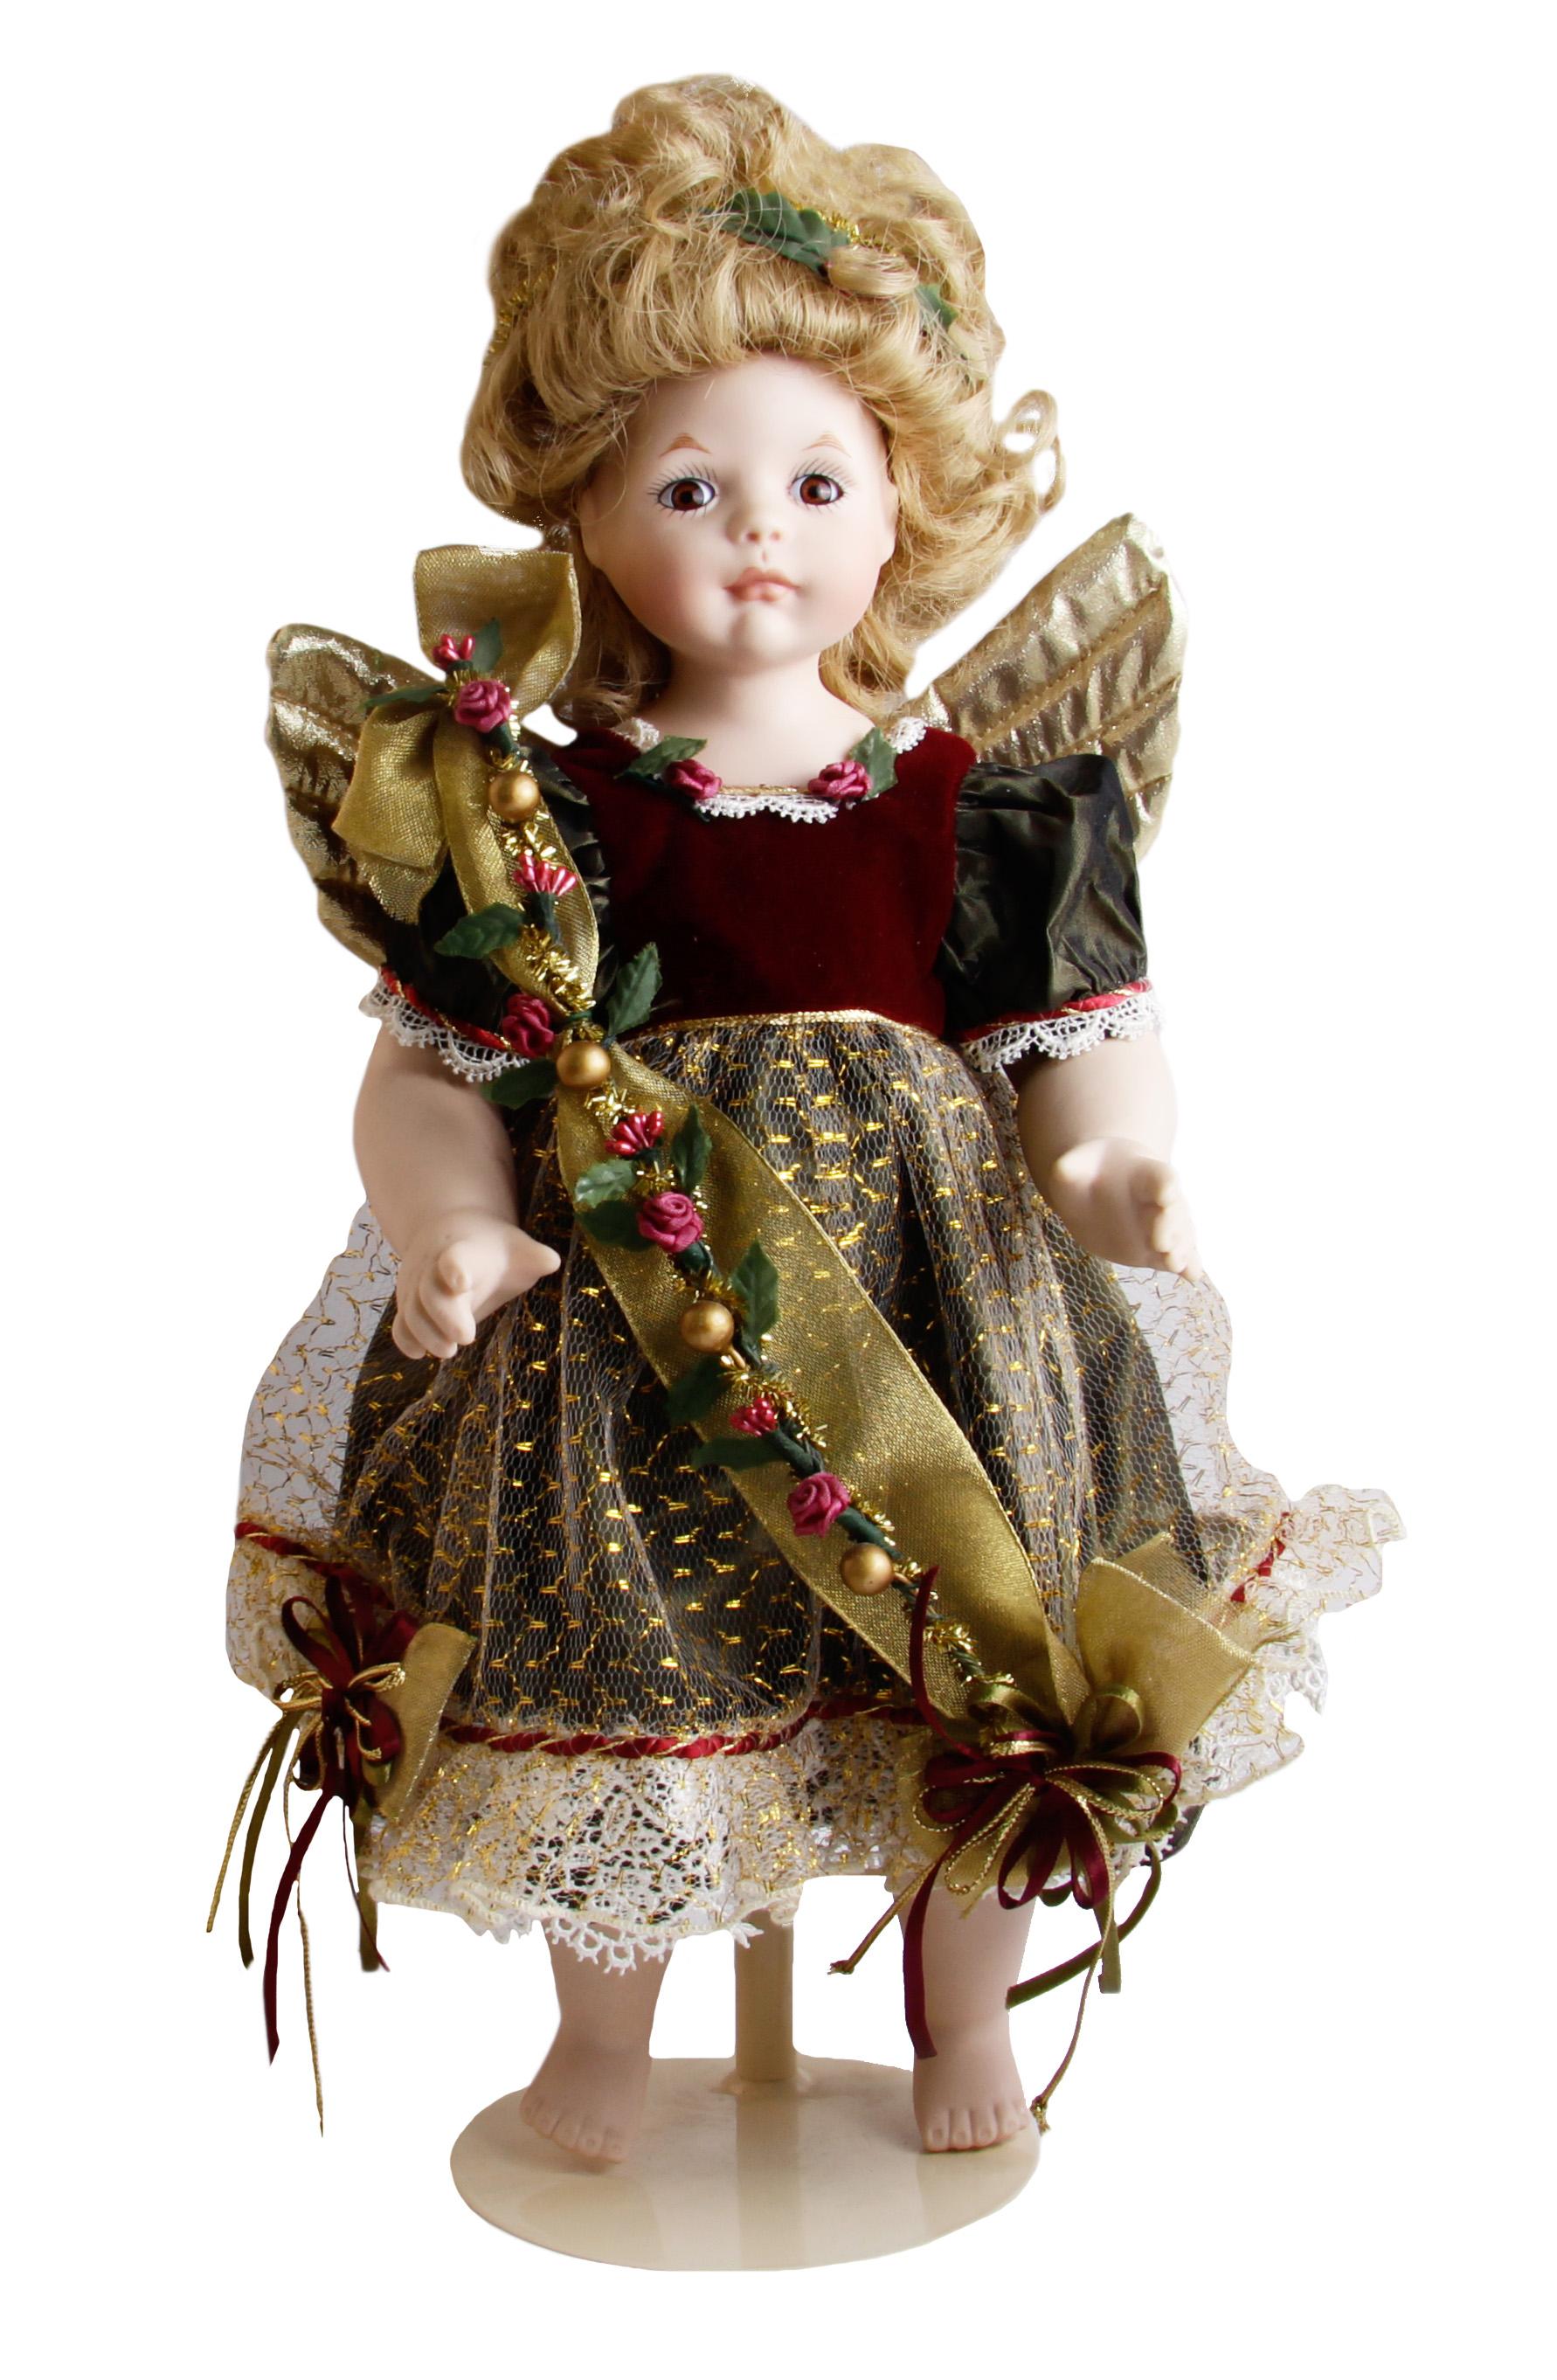 """Кукла """"Рождественский ангел Анжелика"""". Французский фарфор, ткань, металл. Западная Европа, Фаберже, 1990-е гг.                 Высота  36,5 см.   Сохранность хорошая.     Кукла сделана вручную из бисквитного фарфора, она одета в роскошное малиновое платье из бархата, сверкающее золотыми нитями и   украшенное тонким кружевом. Ее одежда декорирована сатиновыми бутонами роз. За спиной - золотые крылья, но голове - нимб. Роскошный новогодний подарок для ценителей дорогих и коллекционных вещей!"""